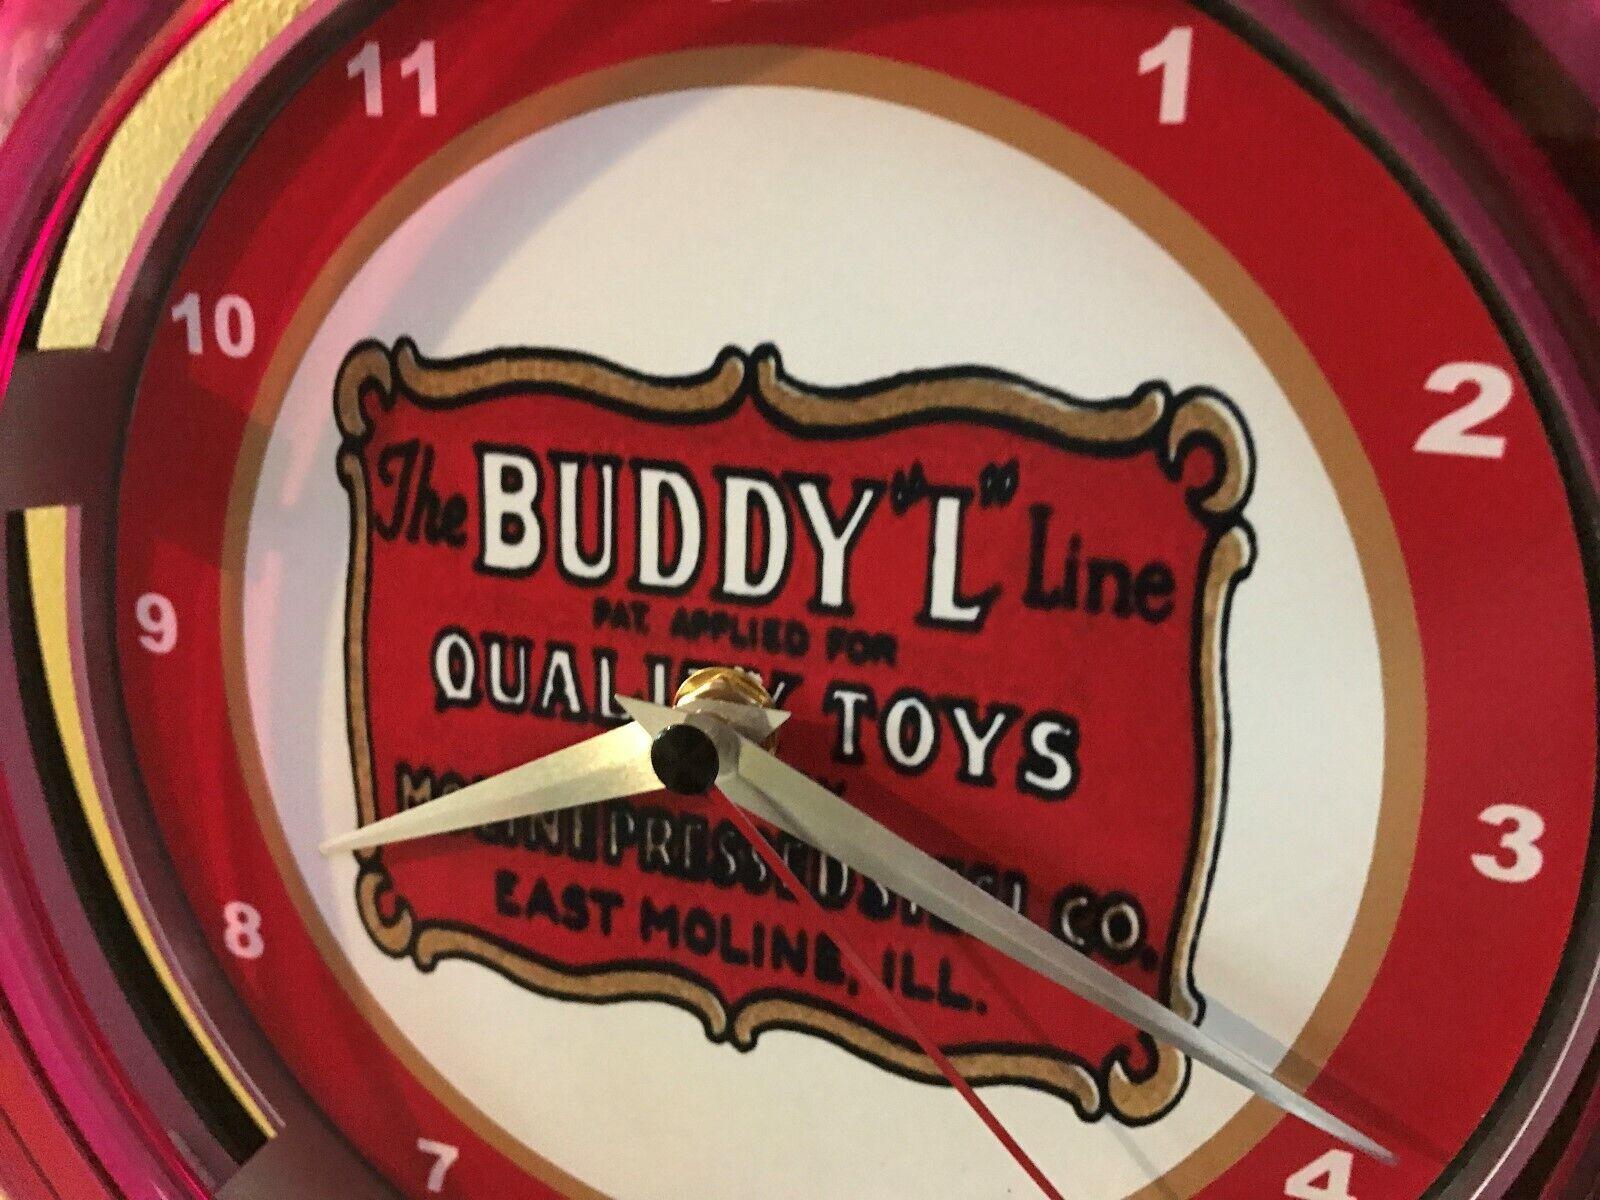 Buddy L jouet voiture camion Magasin Publicitaire Man Cave Neon Horloge murale Signe